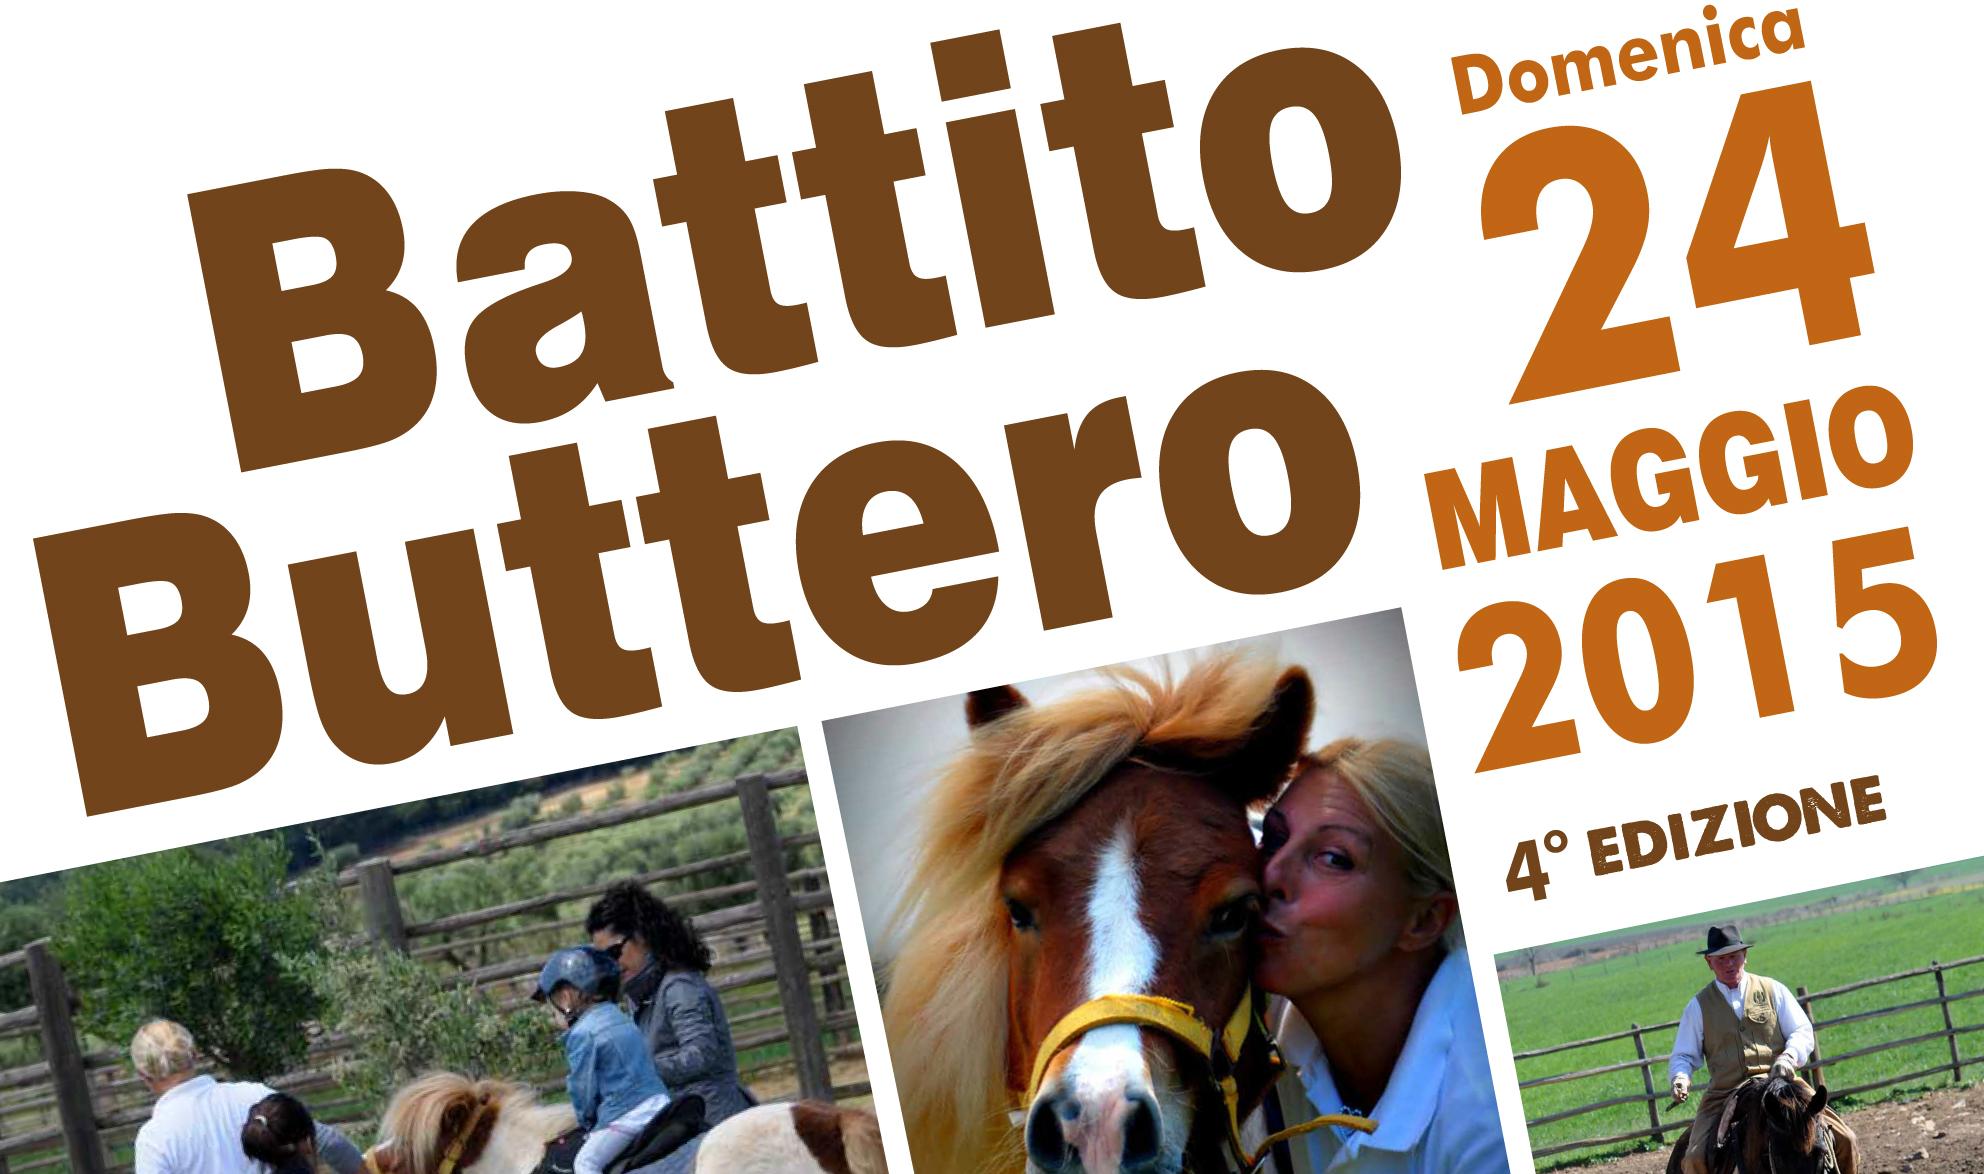 battito_buttero_70x100_2015_def anteprima